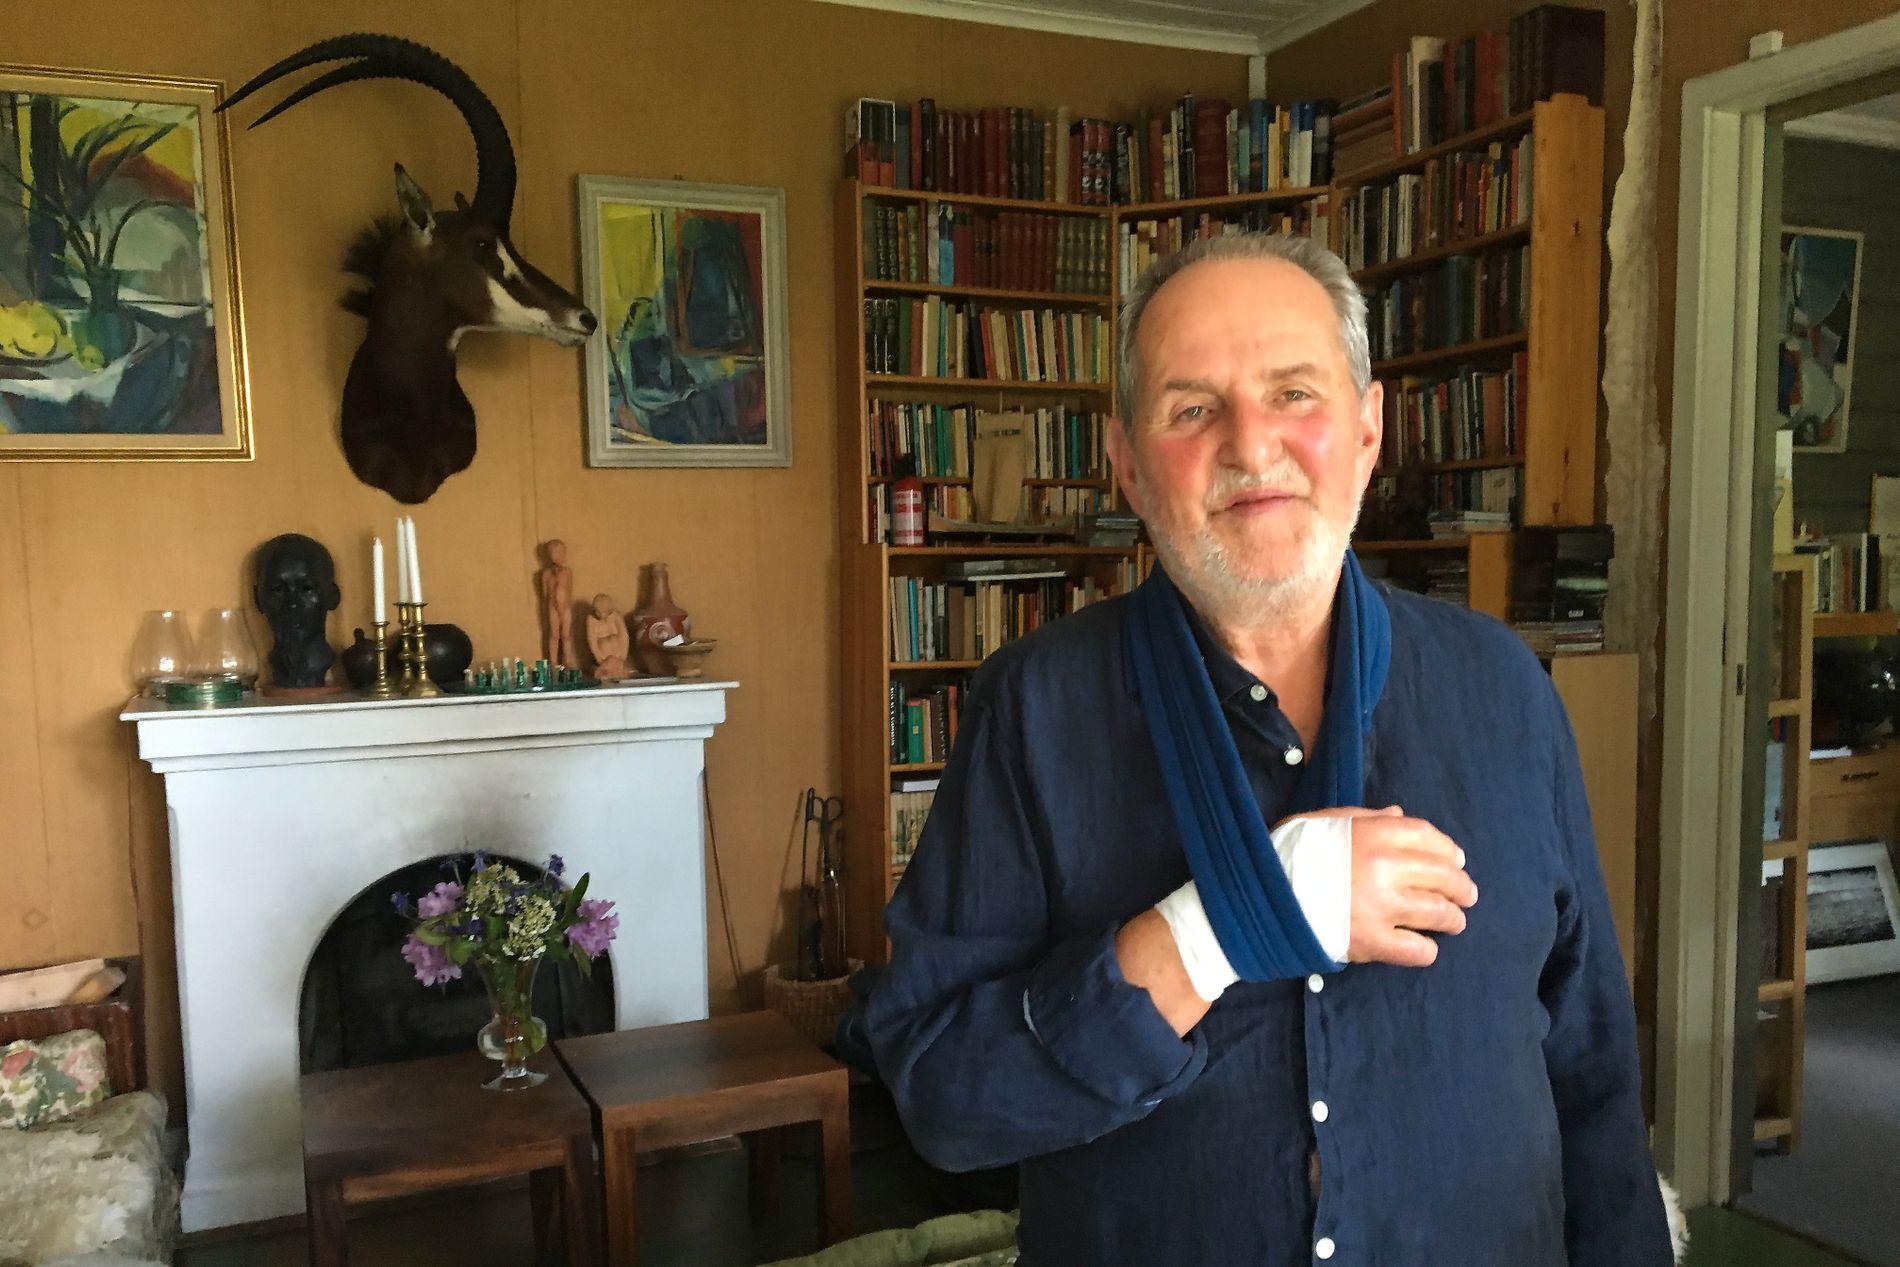 HJEMME I STUA: Jon Michelet fotografert hjemme i stua på Larkollen i forbindelse med det siste store intervjuet han gjorde med VG sommeren 2016.